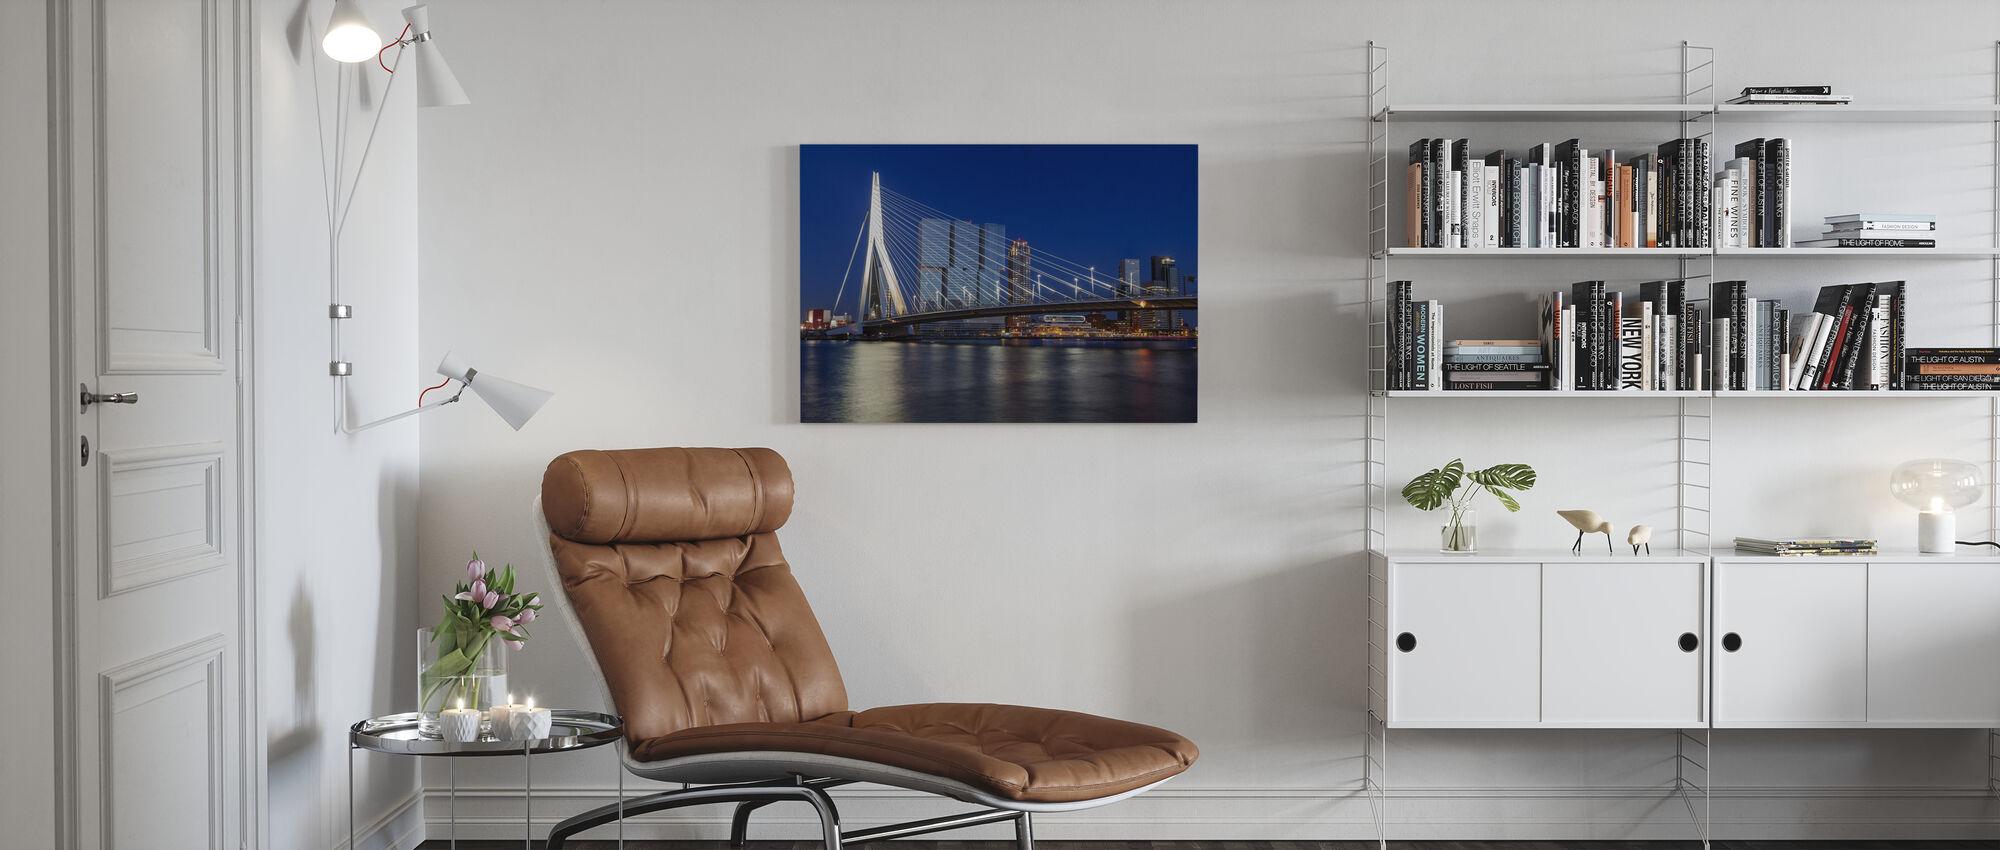 Erasmusbrücke und Maas in Rotterdam - Leinwandbild - Wohnzimmer